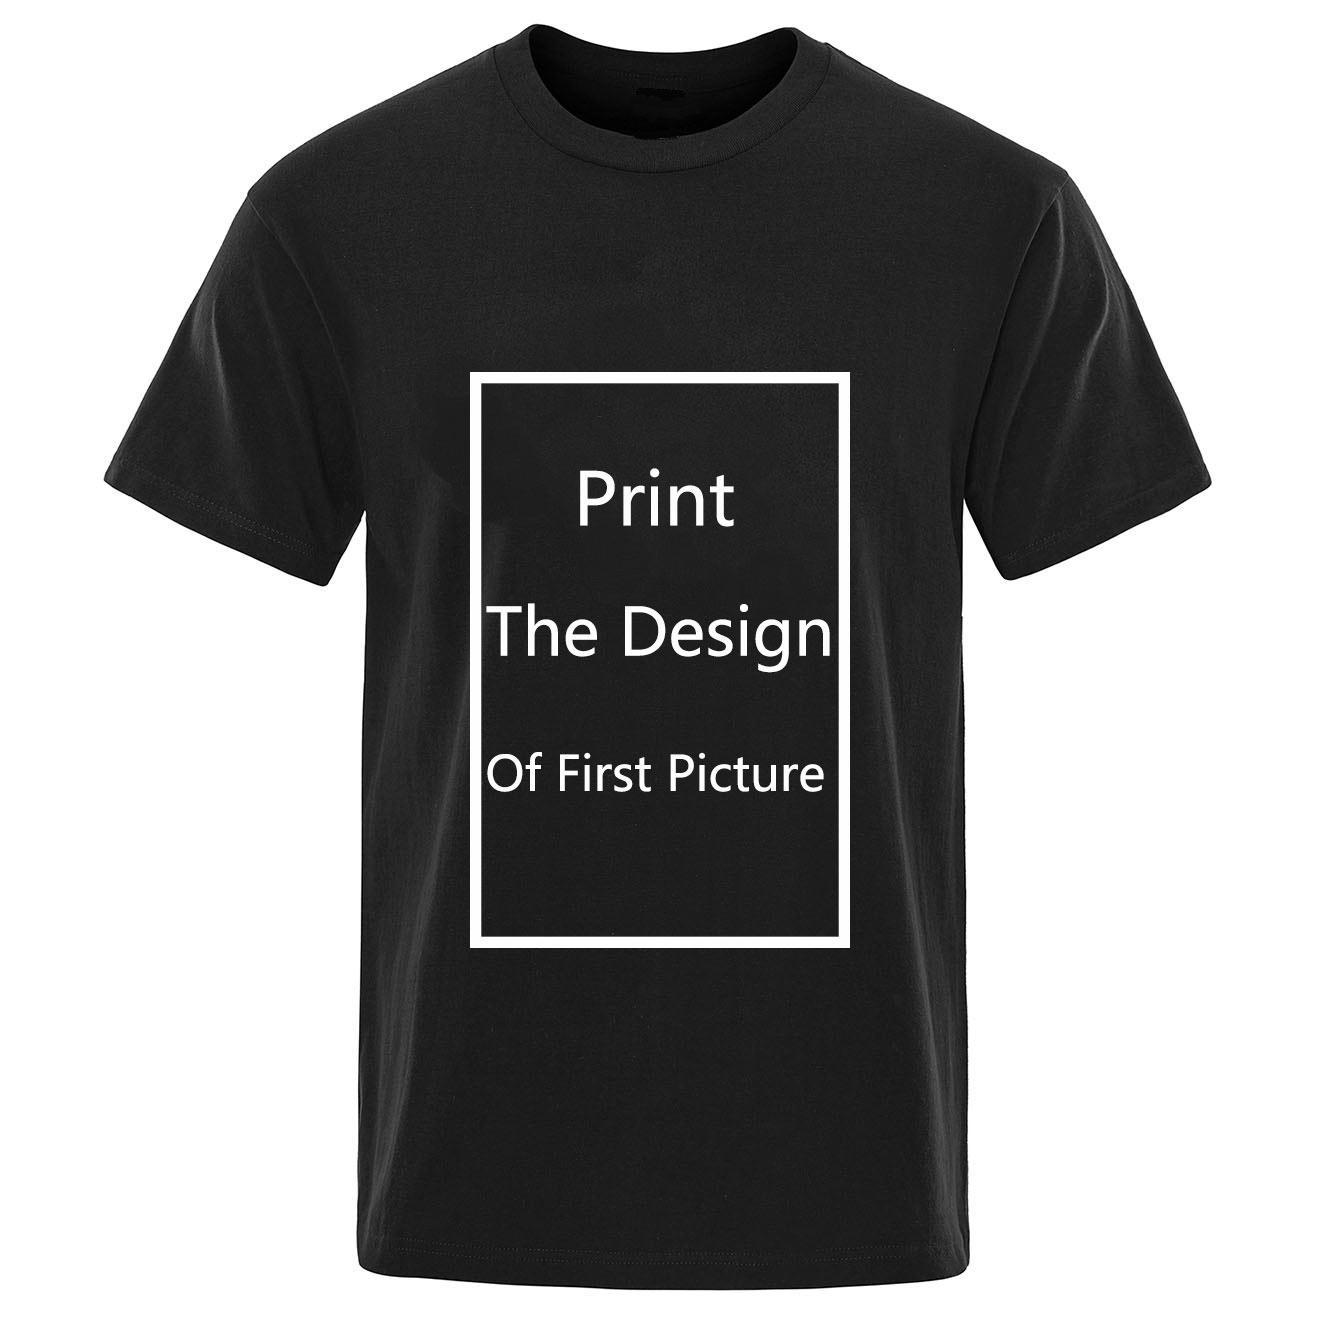 Los hombres del nuevo verano de moda Streetwear Bueno La Dee Da Frickin retro Camisetas frescas Hombres camiseta divertida Tops 100% algodón camiseta